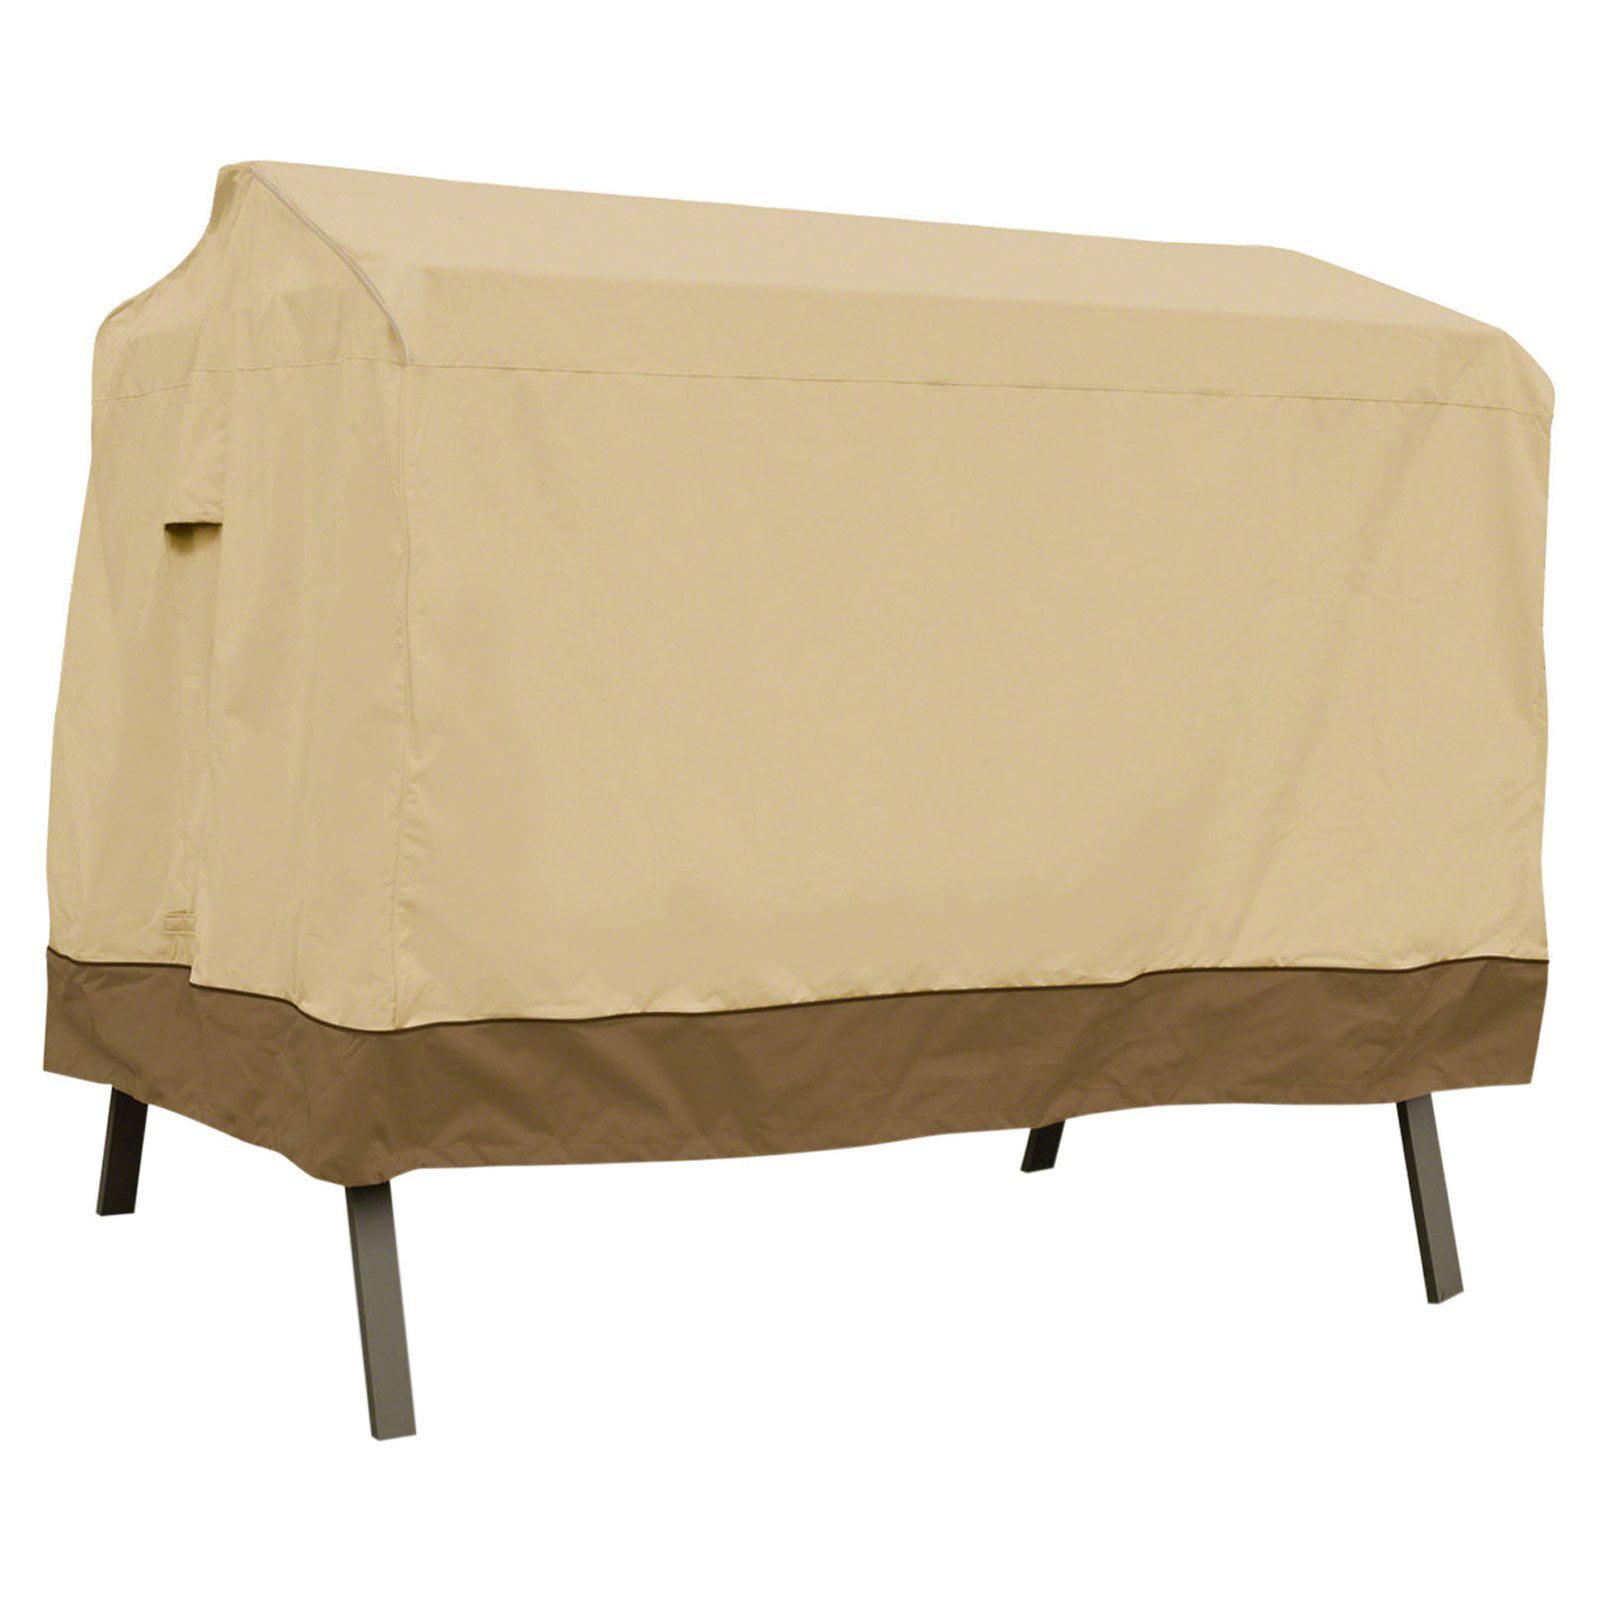 Classic Accessories Veranda 2 Seater Patio Canopy Swing Cover